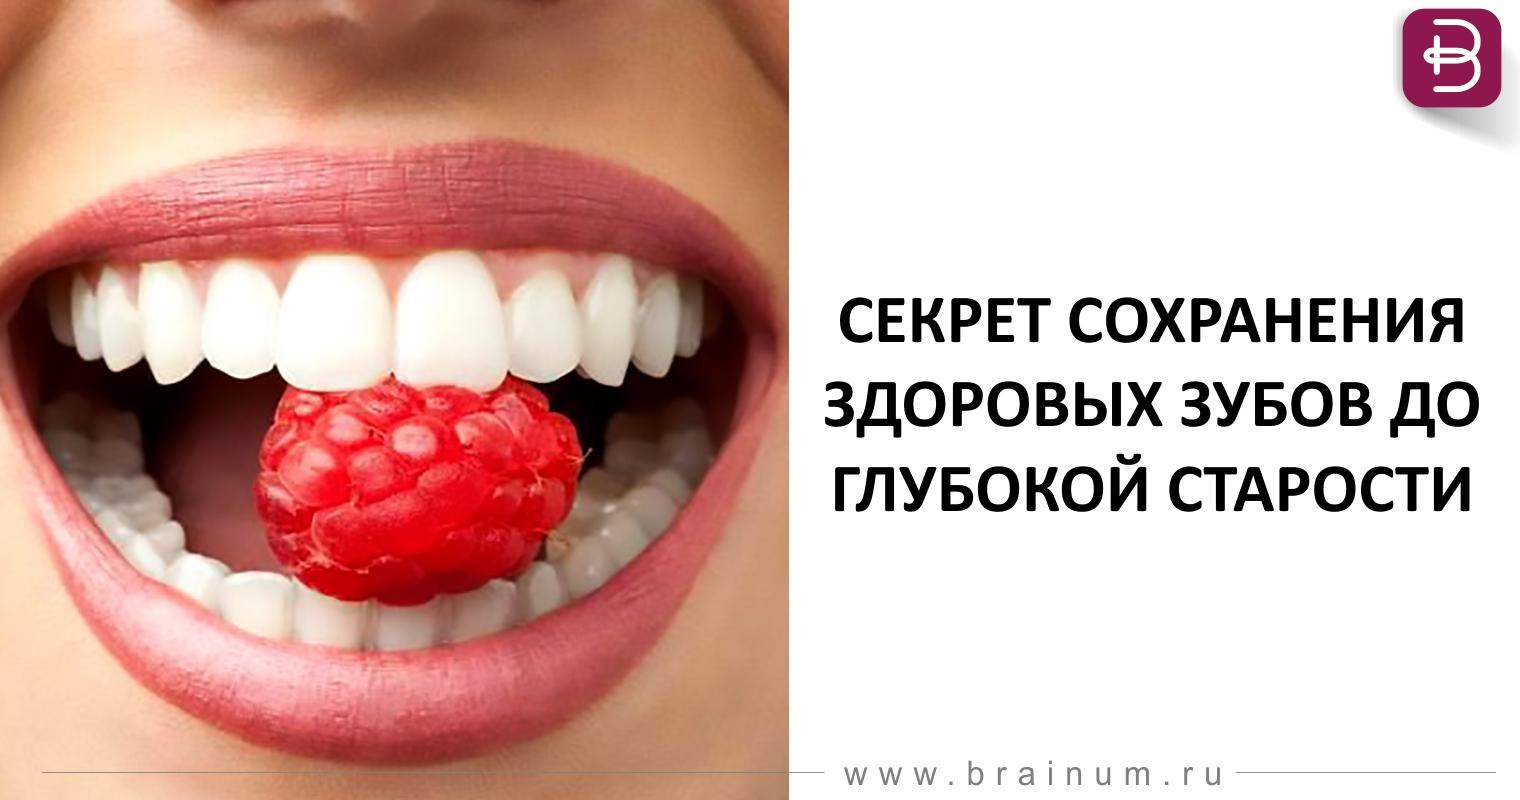 Строение зуба и его тканей. Формирование зубов у человека